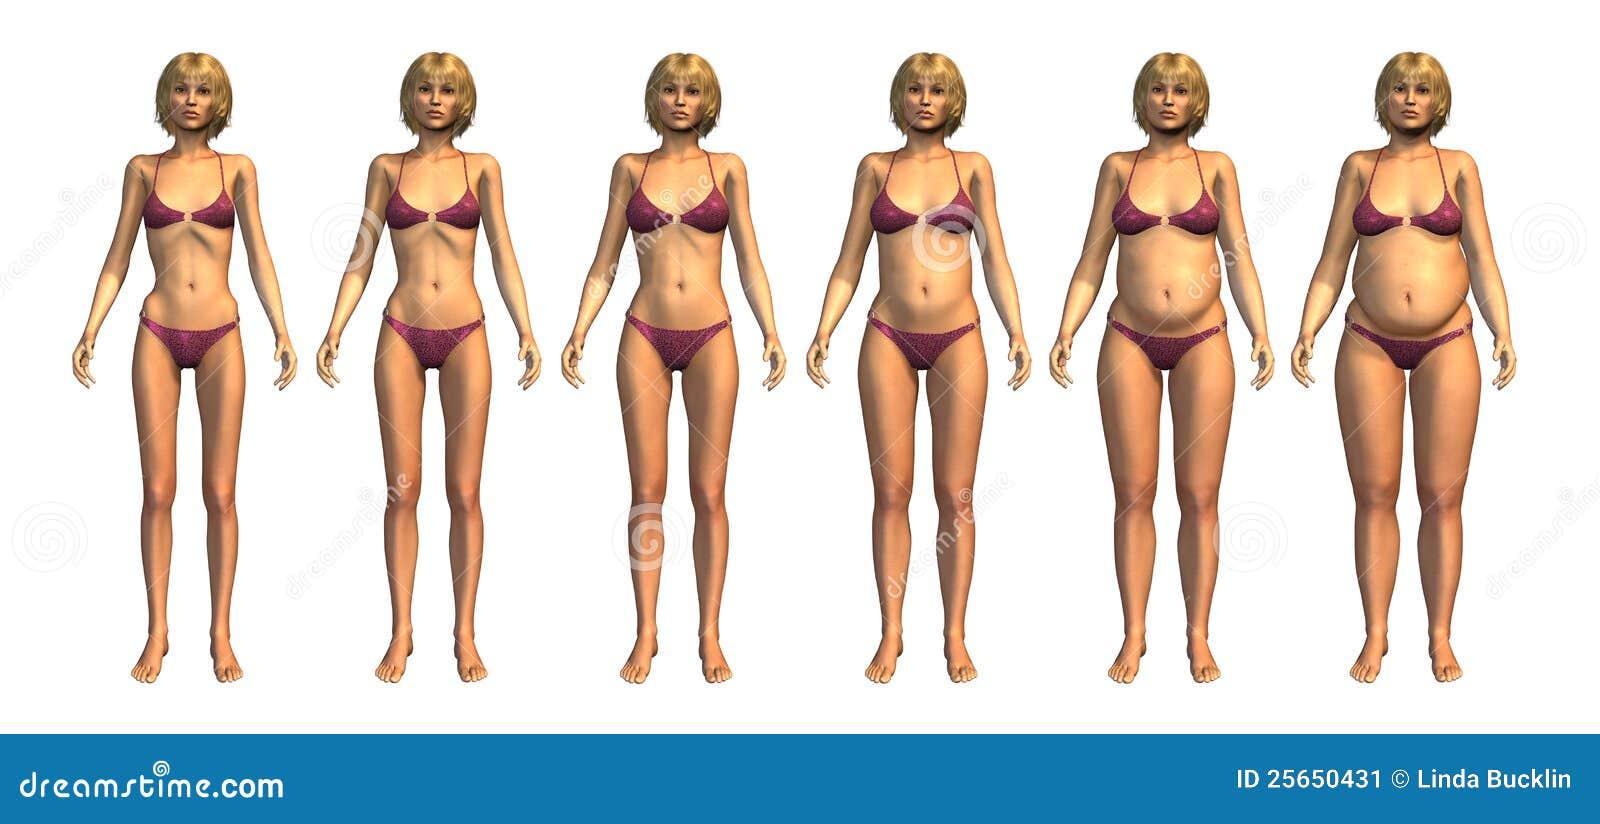 Gammes de graisse corporelle normale